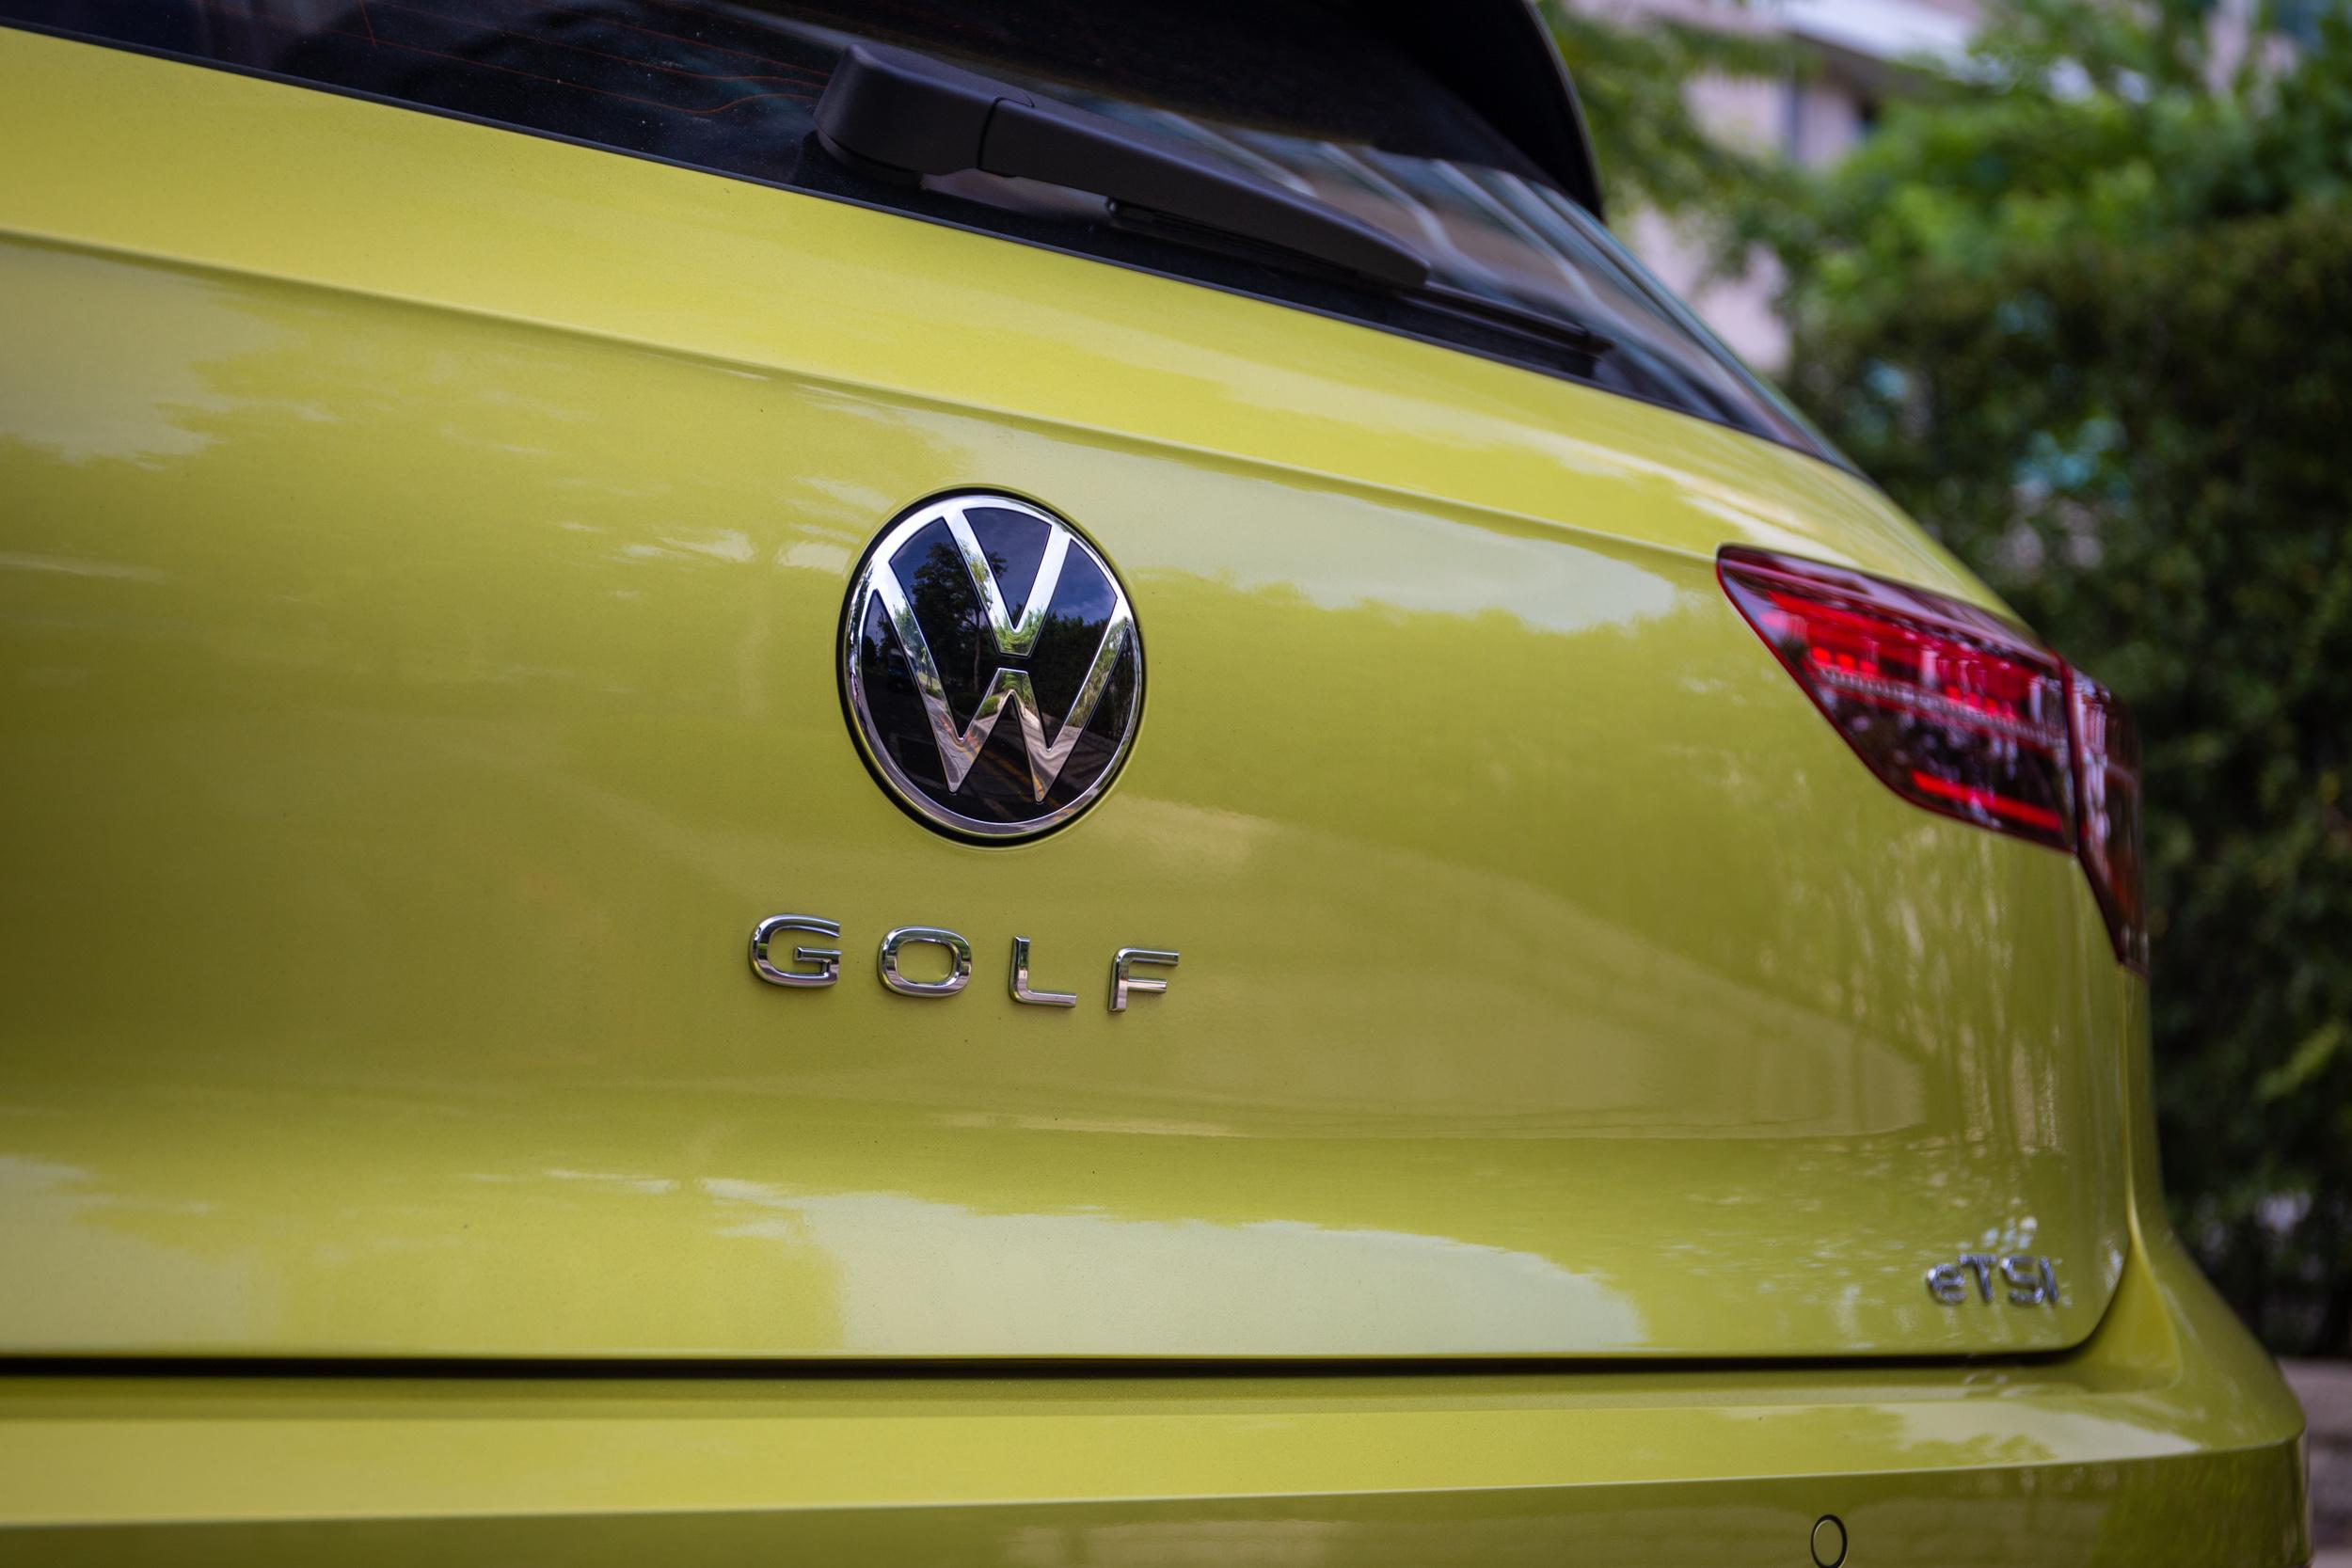 車名銘牌移至車尾中央,為當前車壇流行設計手法。